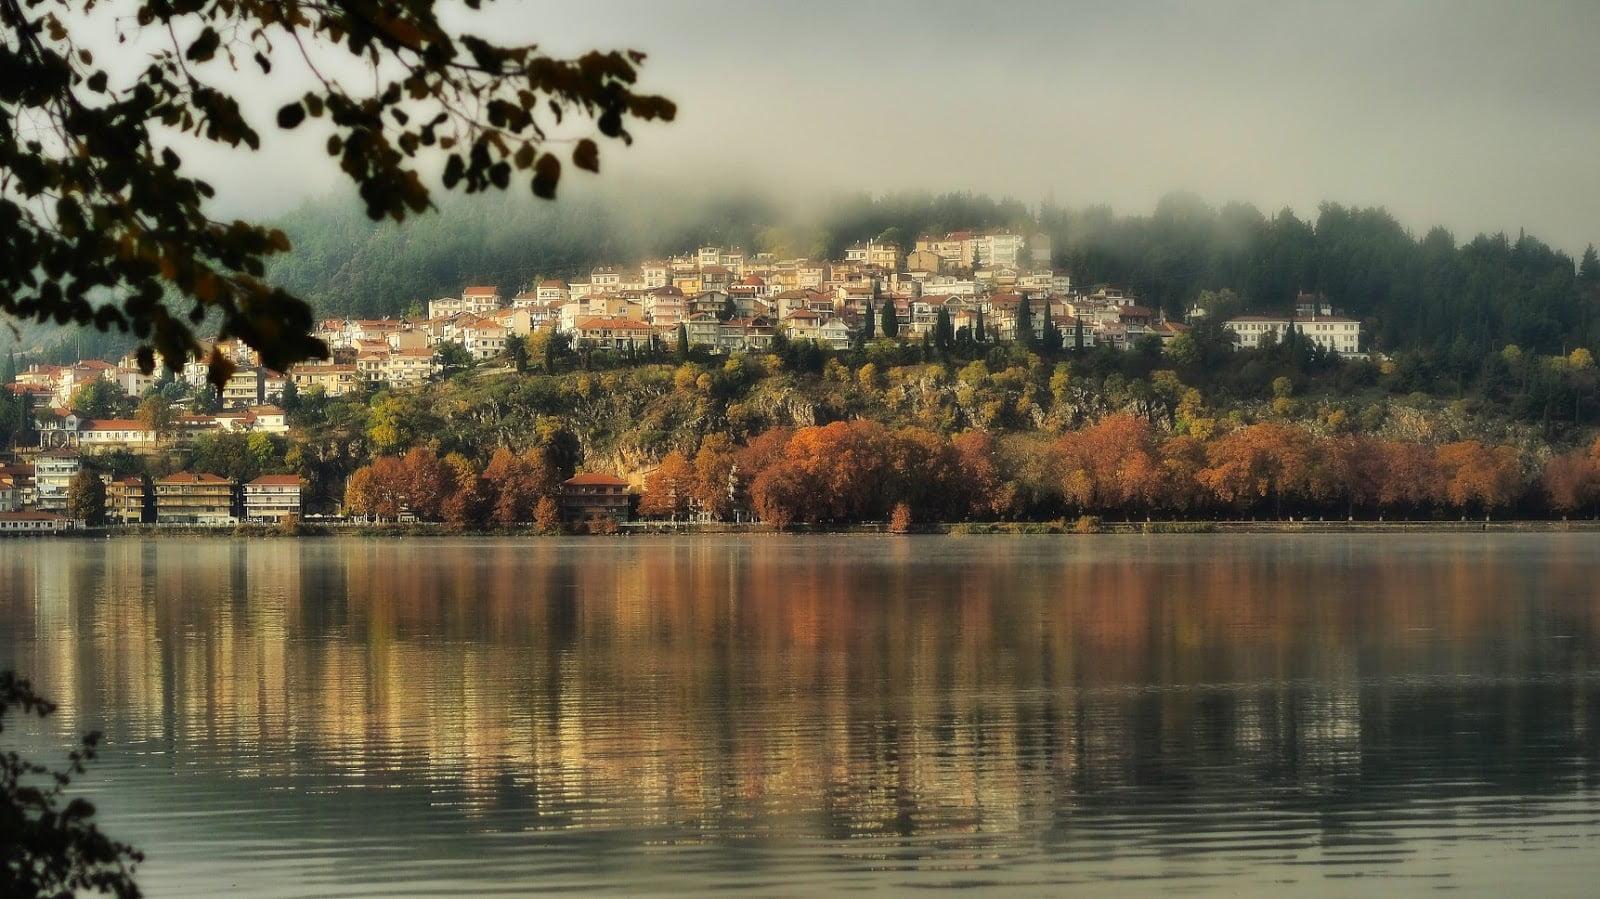 Φθινοπωρινή πανδαισία χρωμάτων στην Καστοριά (ΒΙΝΤΕΟ+ΦΩΤΟ)